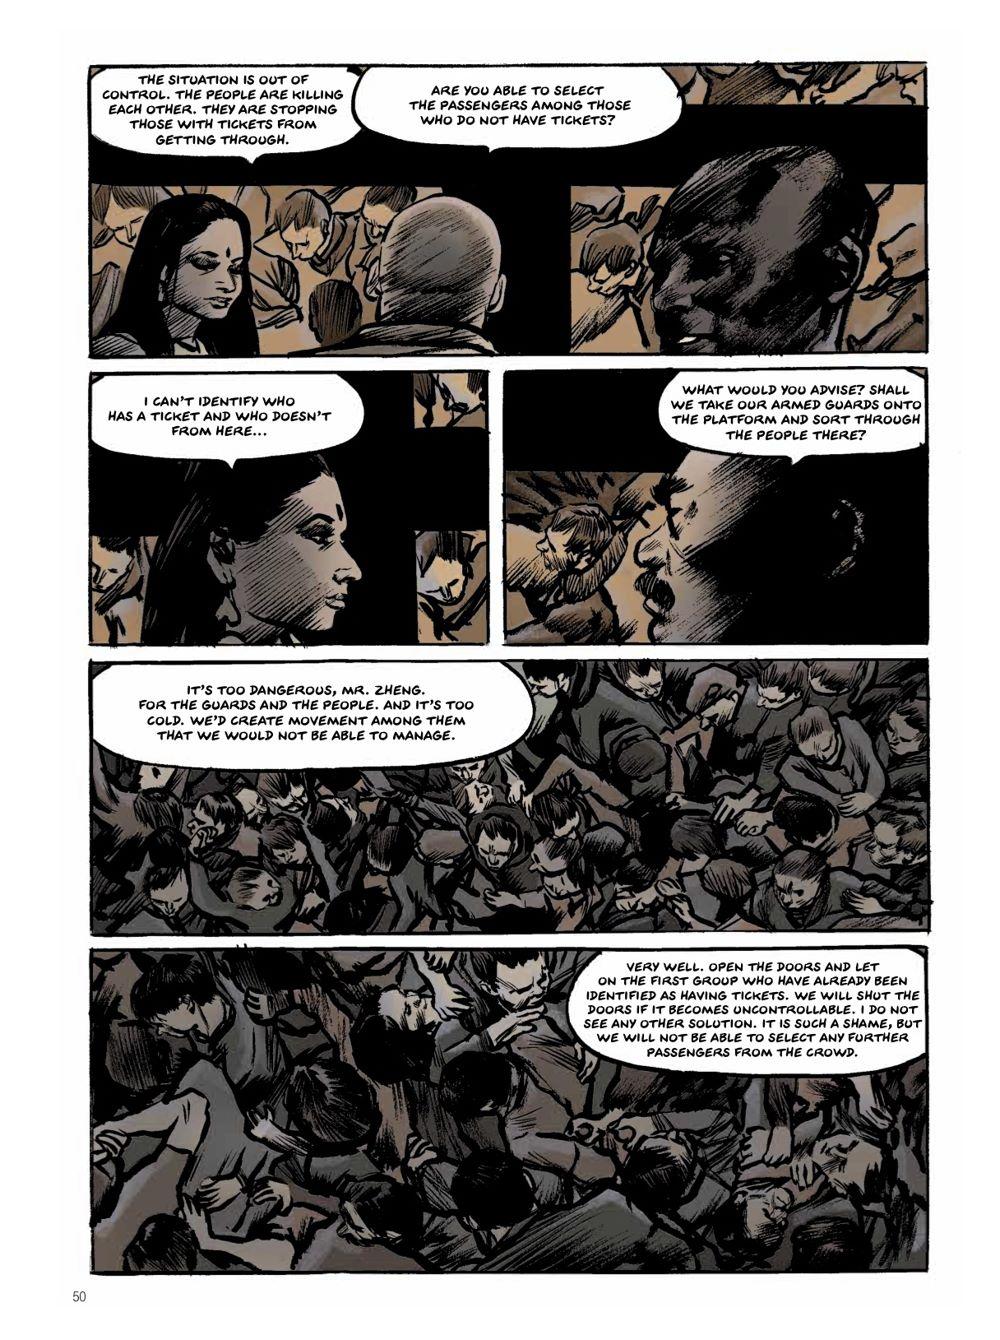 Snowpiercer-Prequel-Vol.-2-Page-4 ComicList Previews: SNOWPIERCER THE PREQUEL VOLUME 2 APOCALYPSE GN